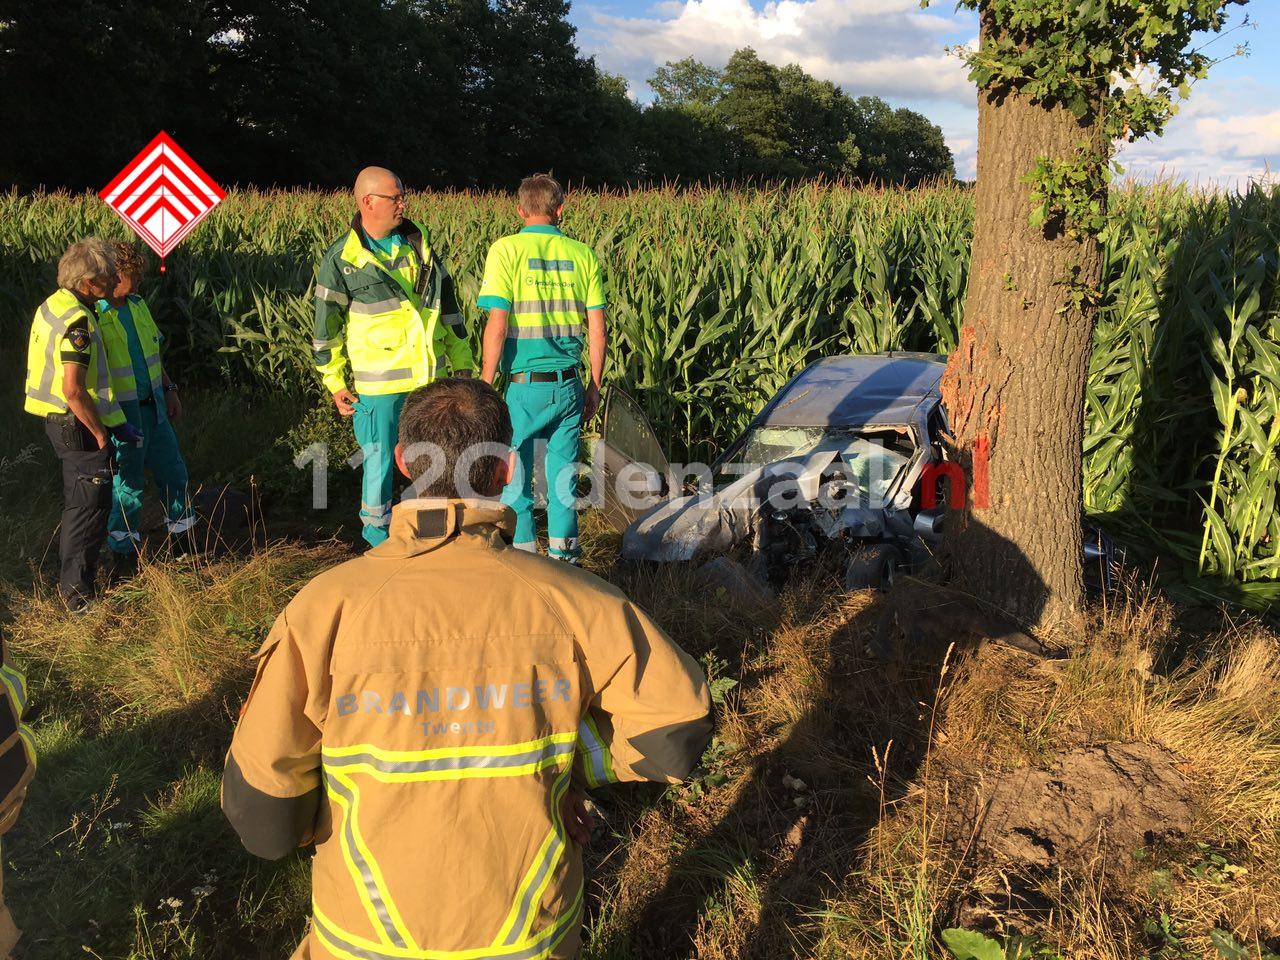 Foto 5: Ernstig ongeval in Agelo, traumahelikopter te plaatsen